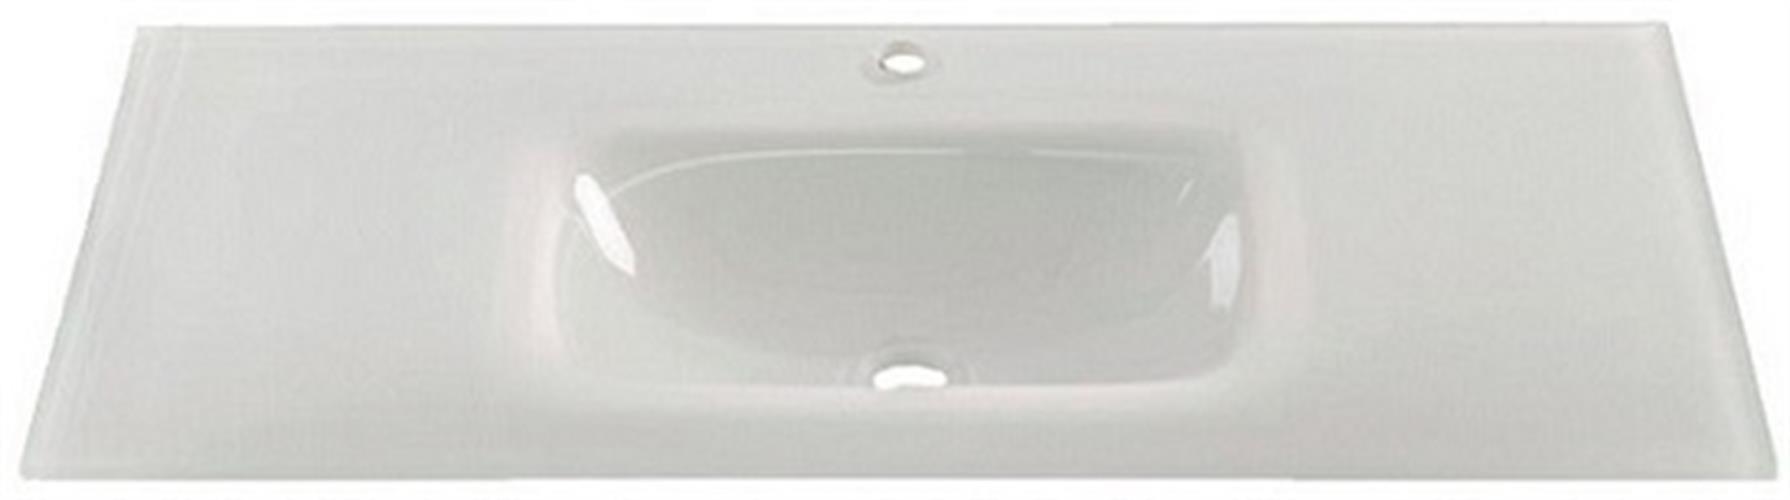 משטח כיור אינטגרלי זכוכית מידה 102/46